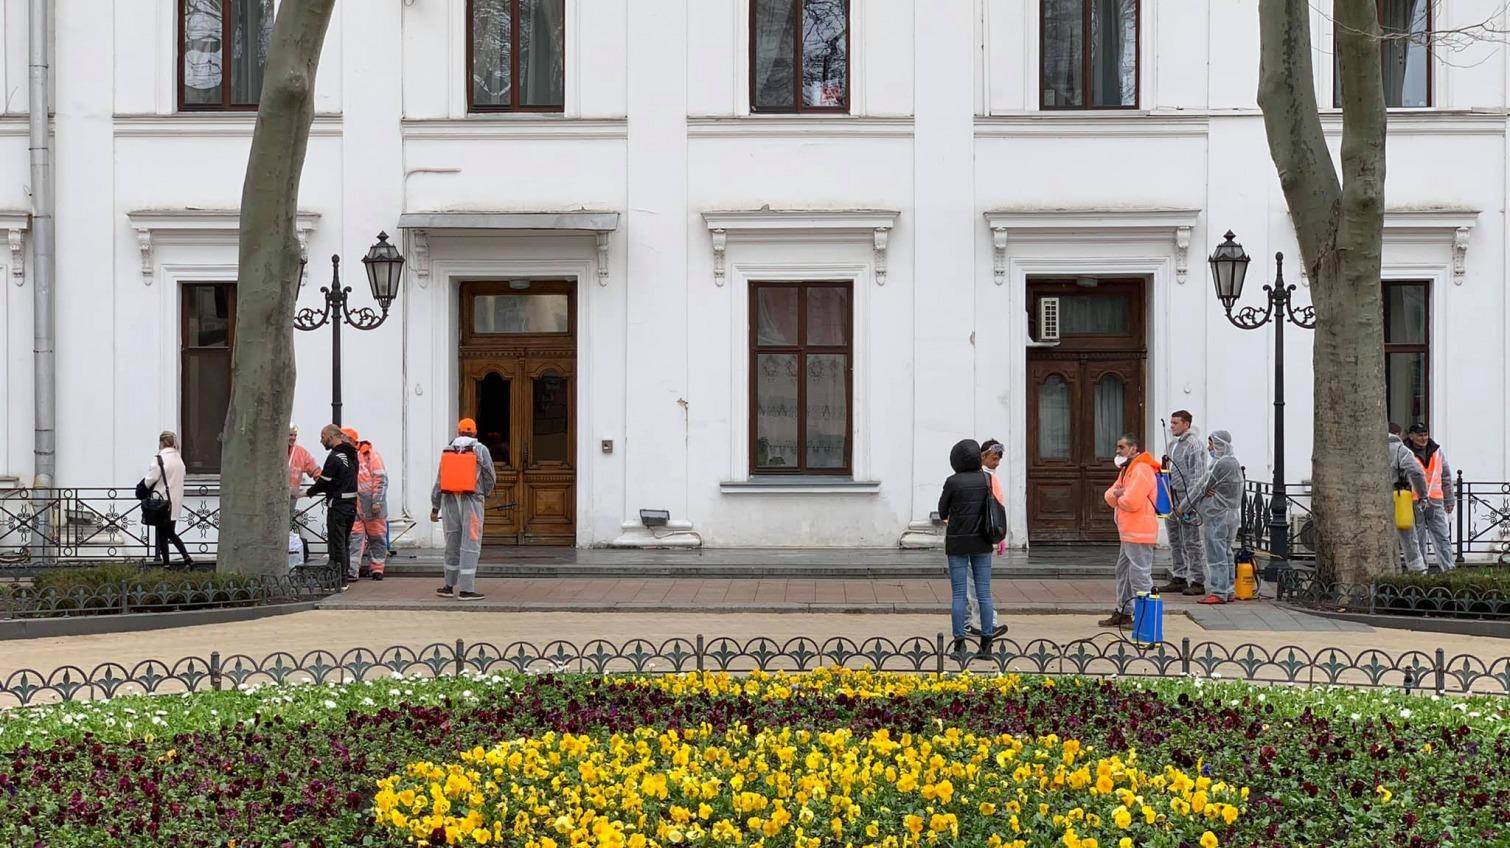 Одесскую мэрию обработали дезинфекторы: в здании вспышка COVID-19 (фото) «фото»